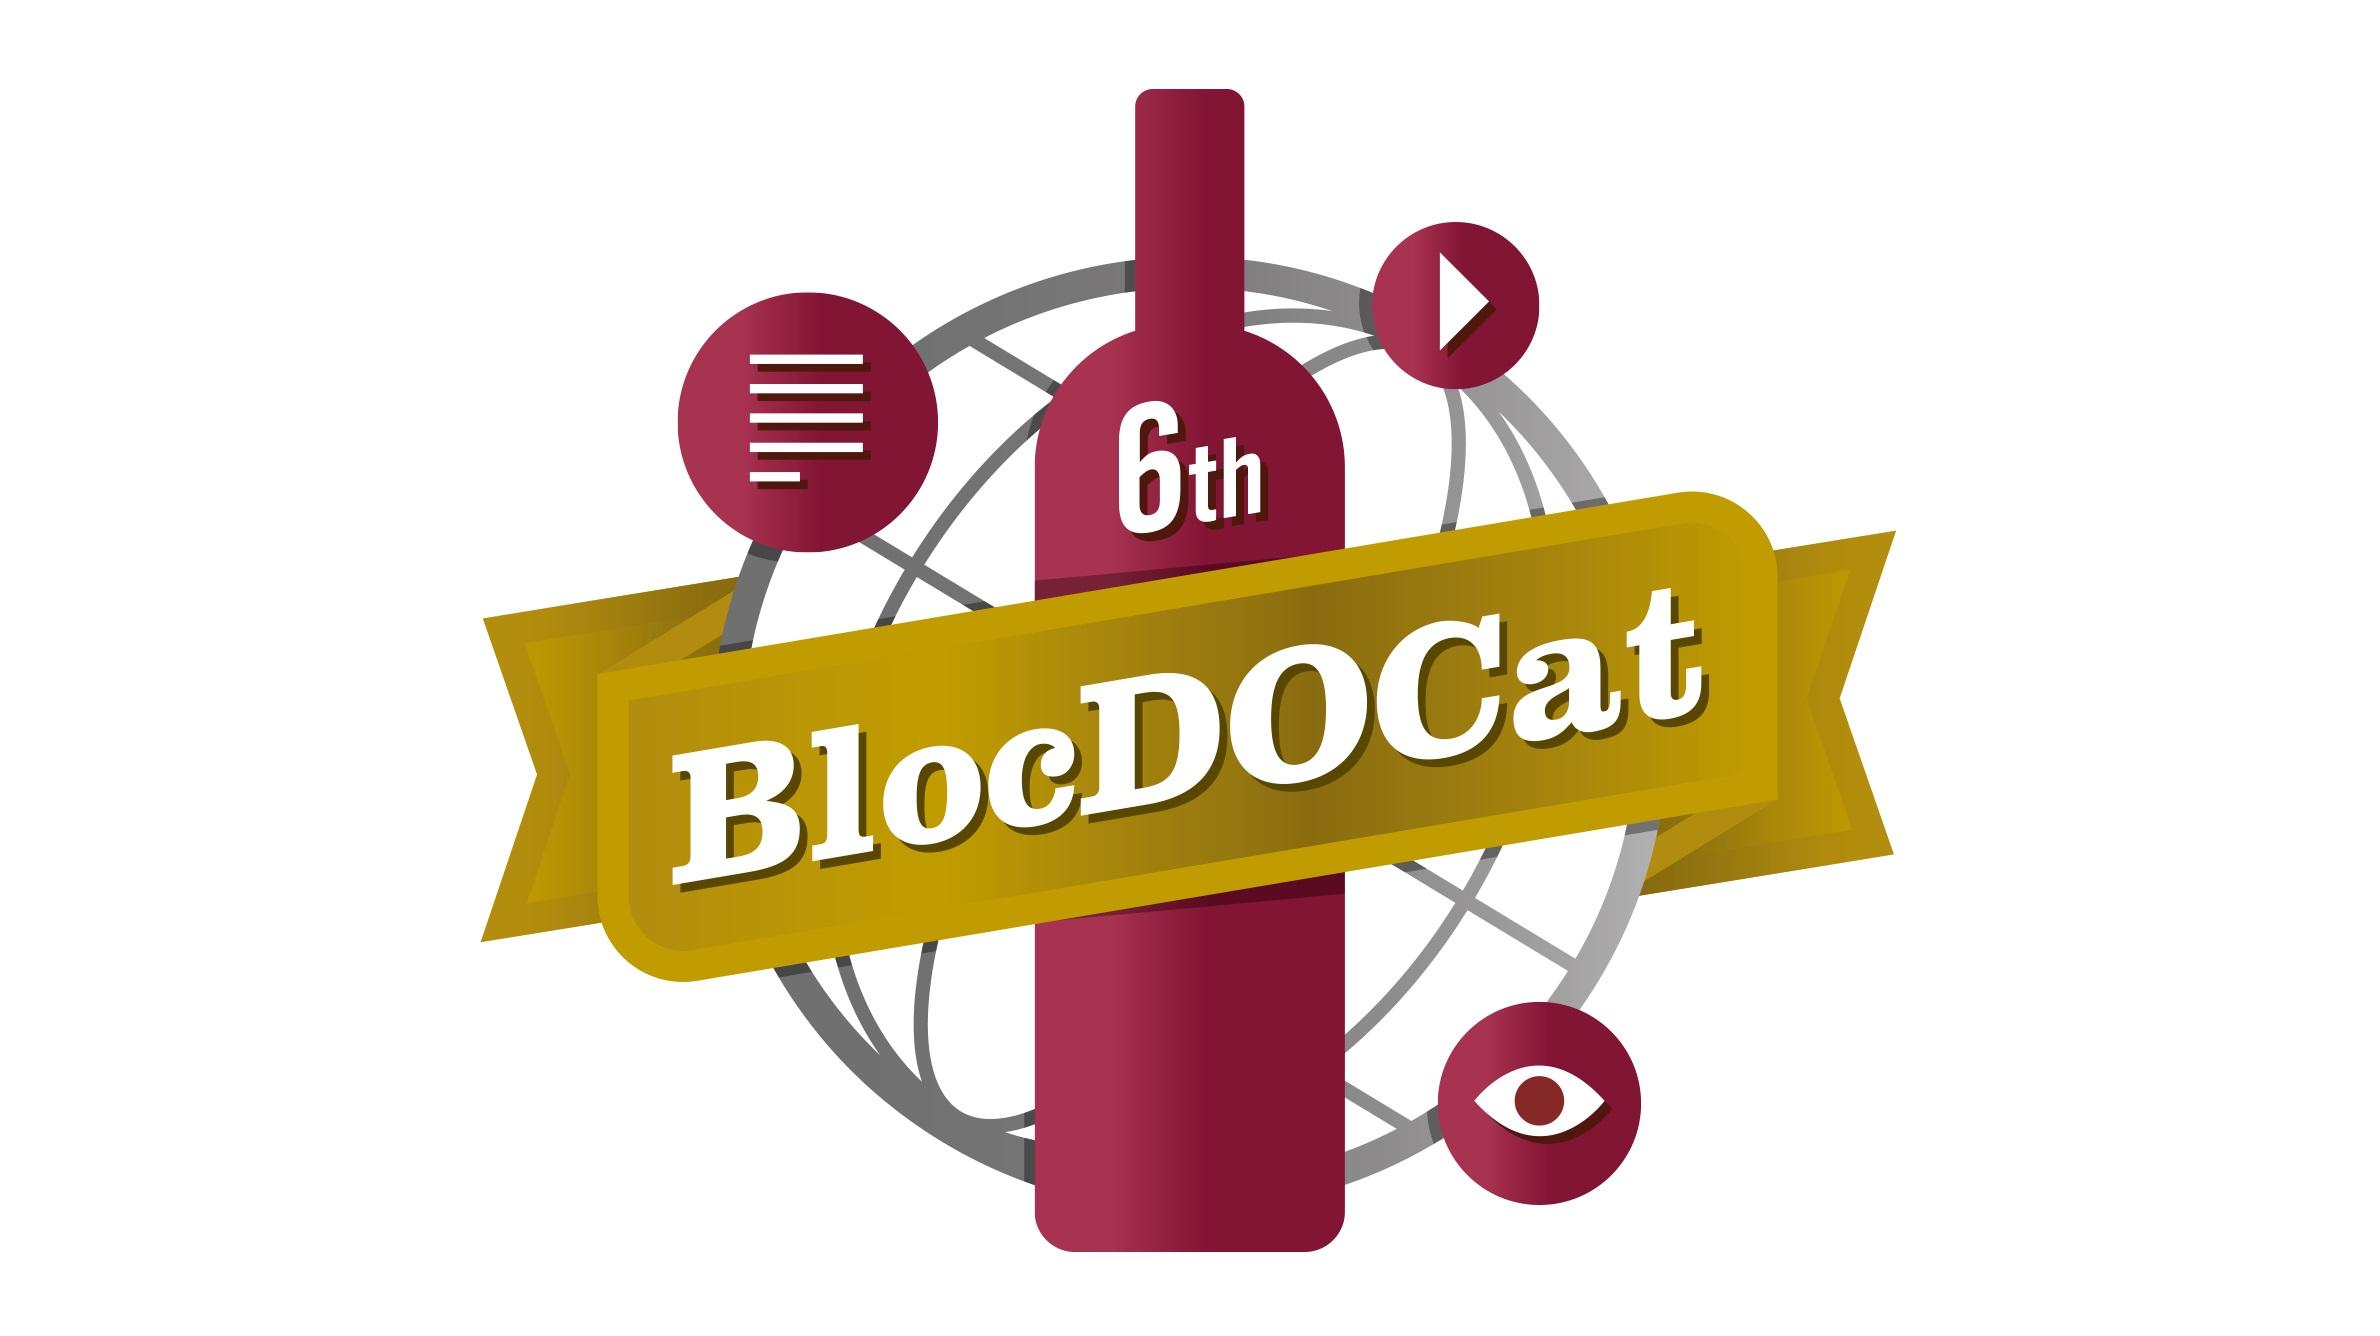 BlocDOCat